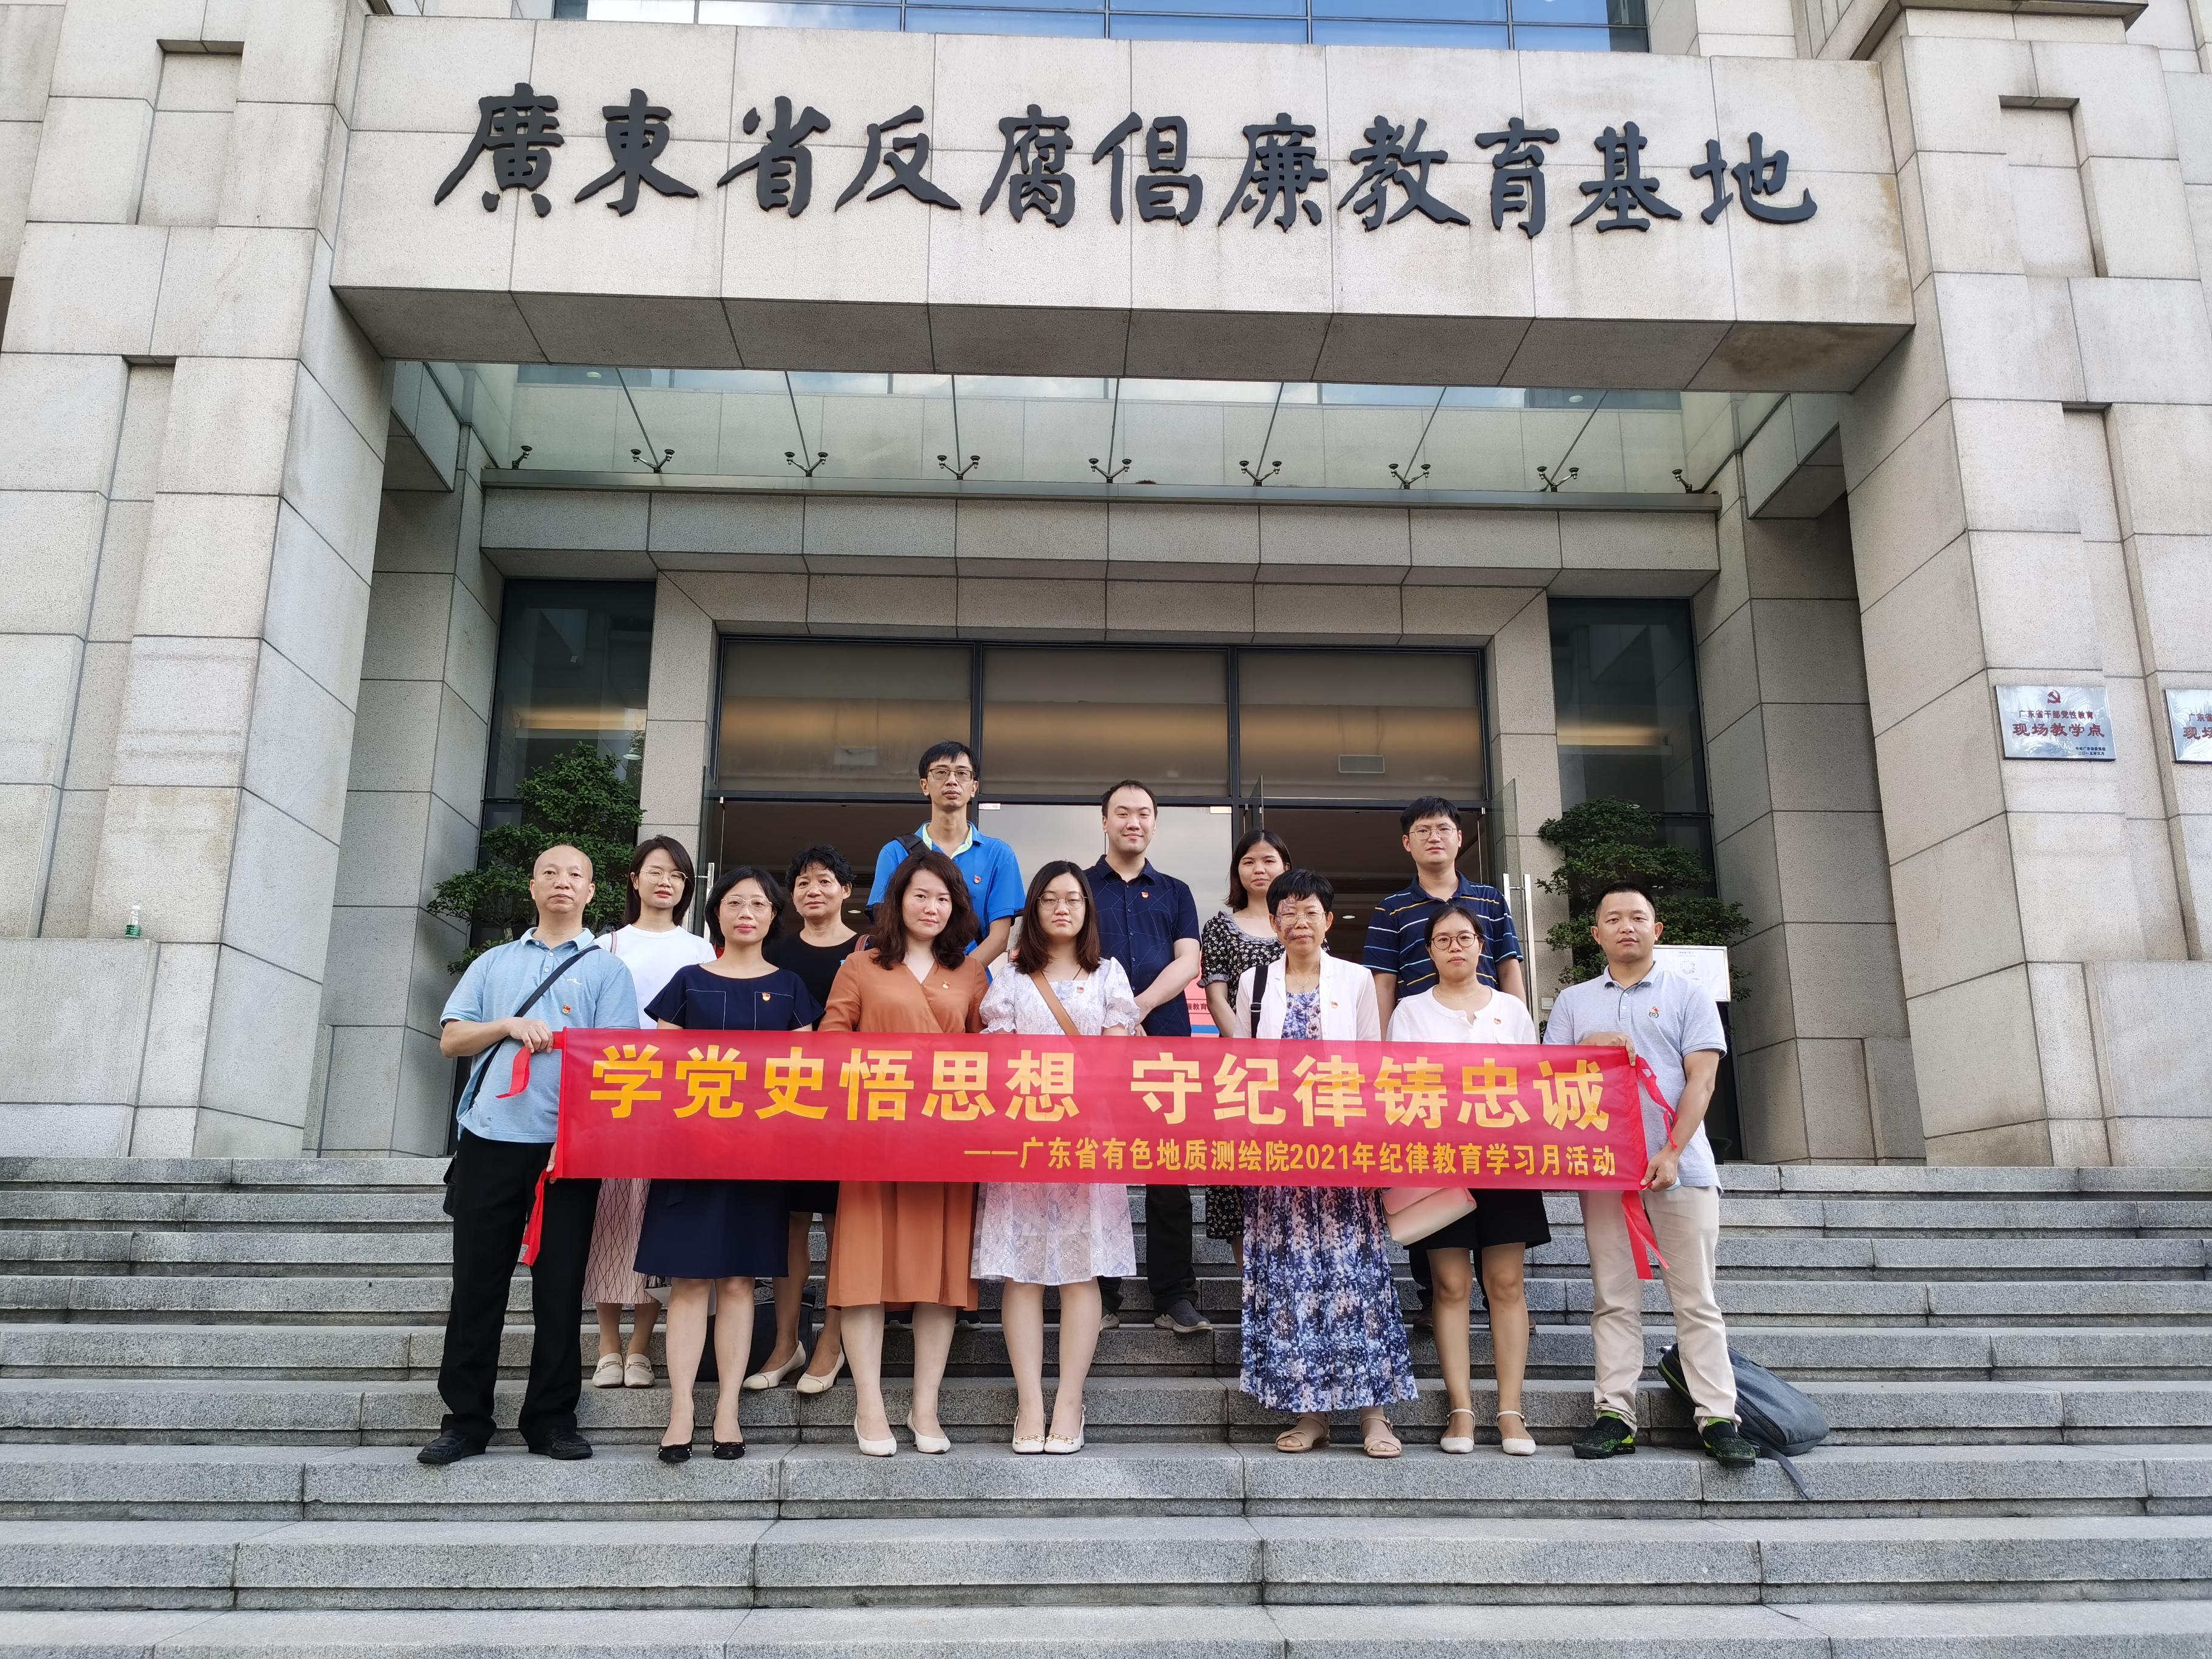 有色測繪院組織黨員干部赴廣東省反腐倡廉教育基地開展警示教育活動